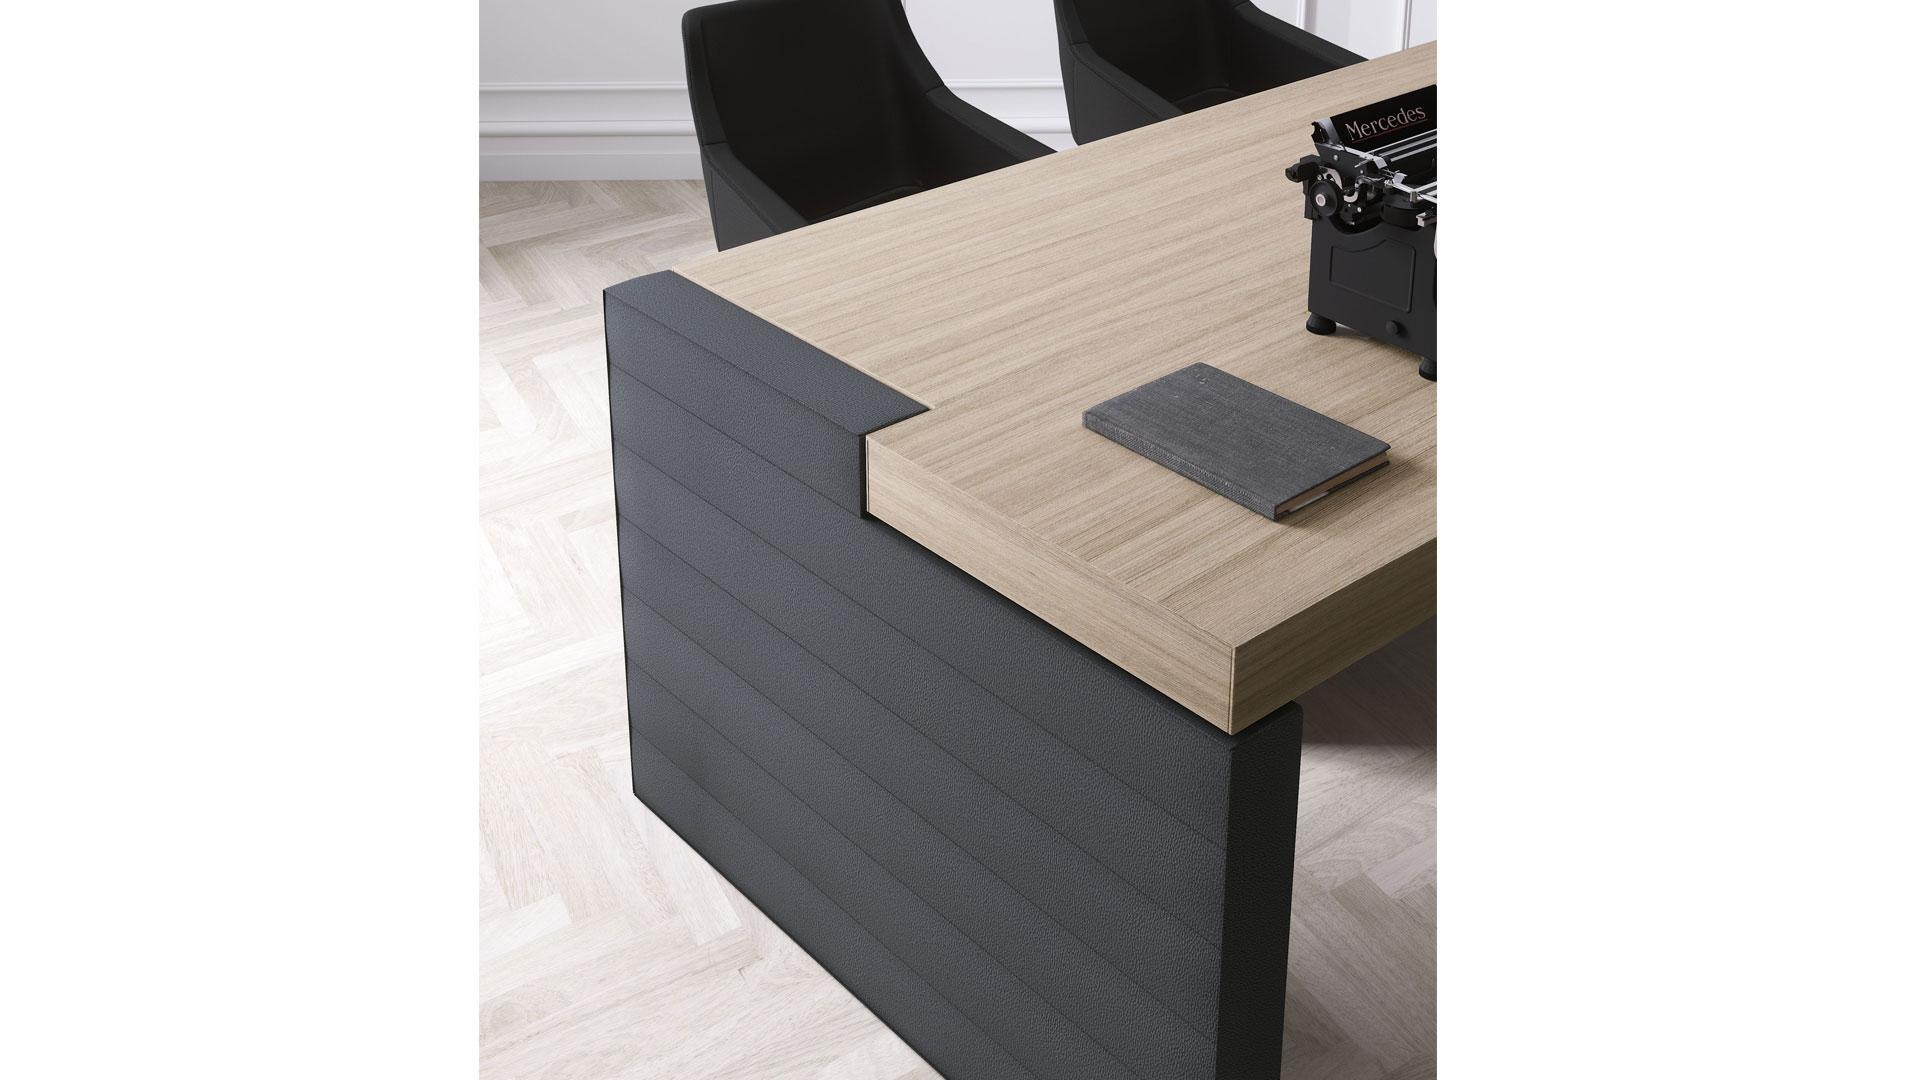 Jera las scrivania componibile in legno con cassettiera e scaffale